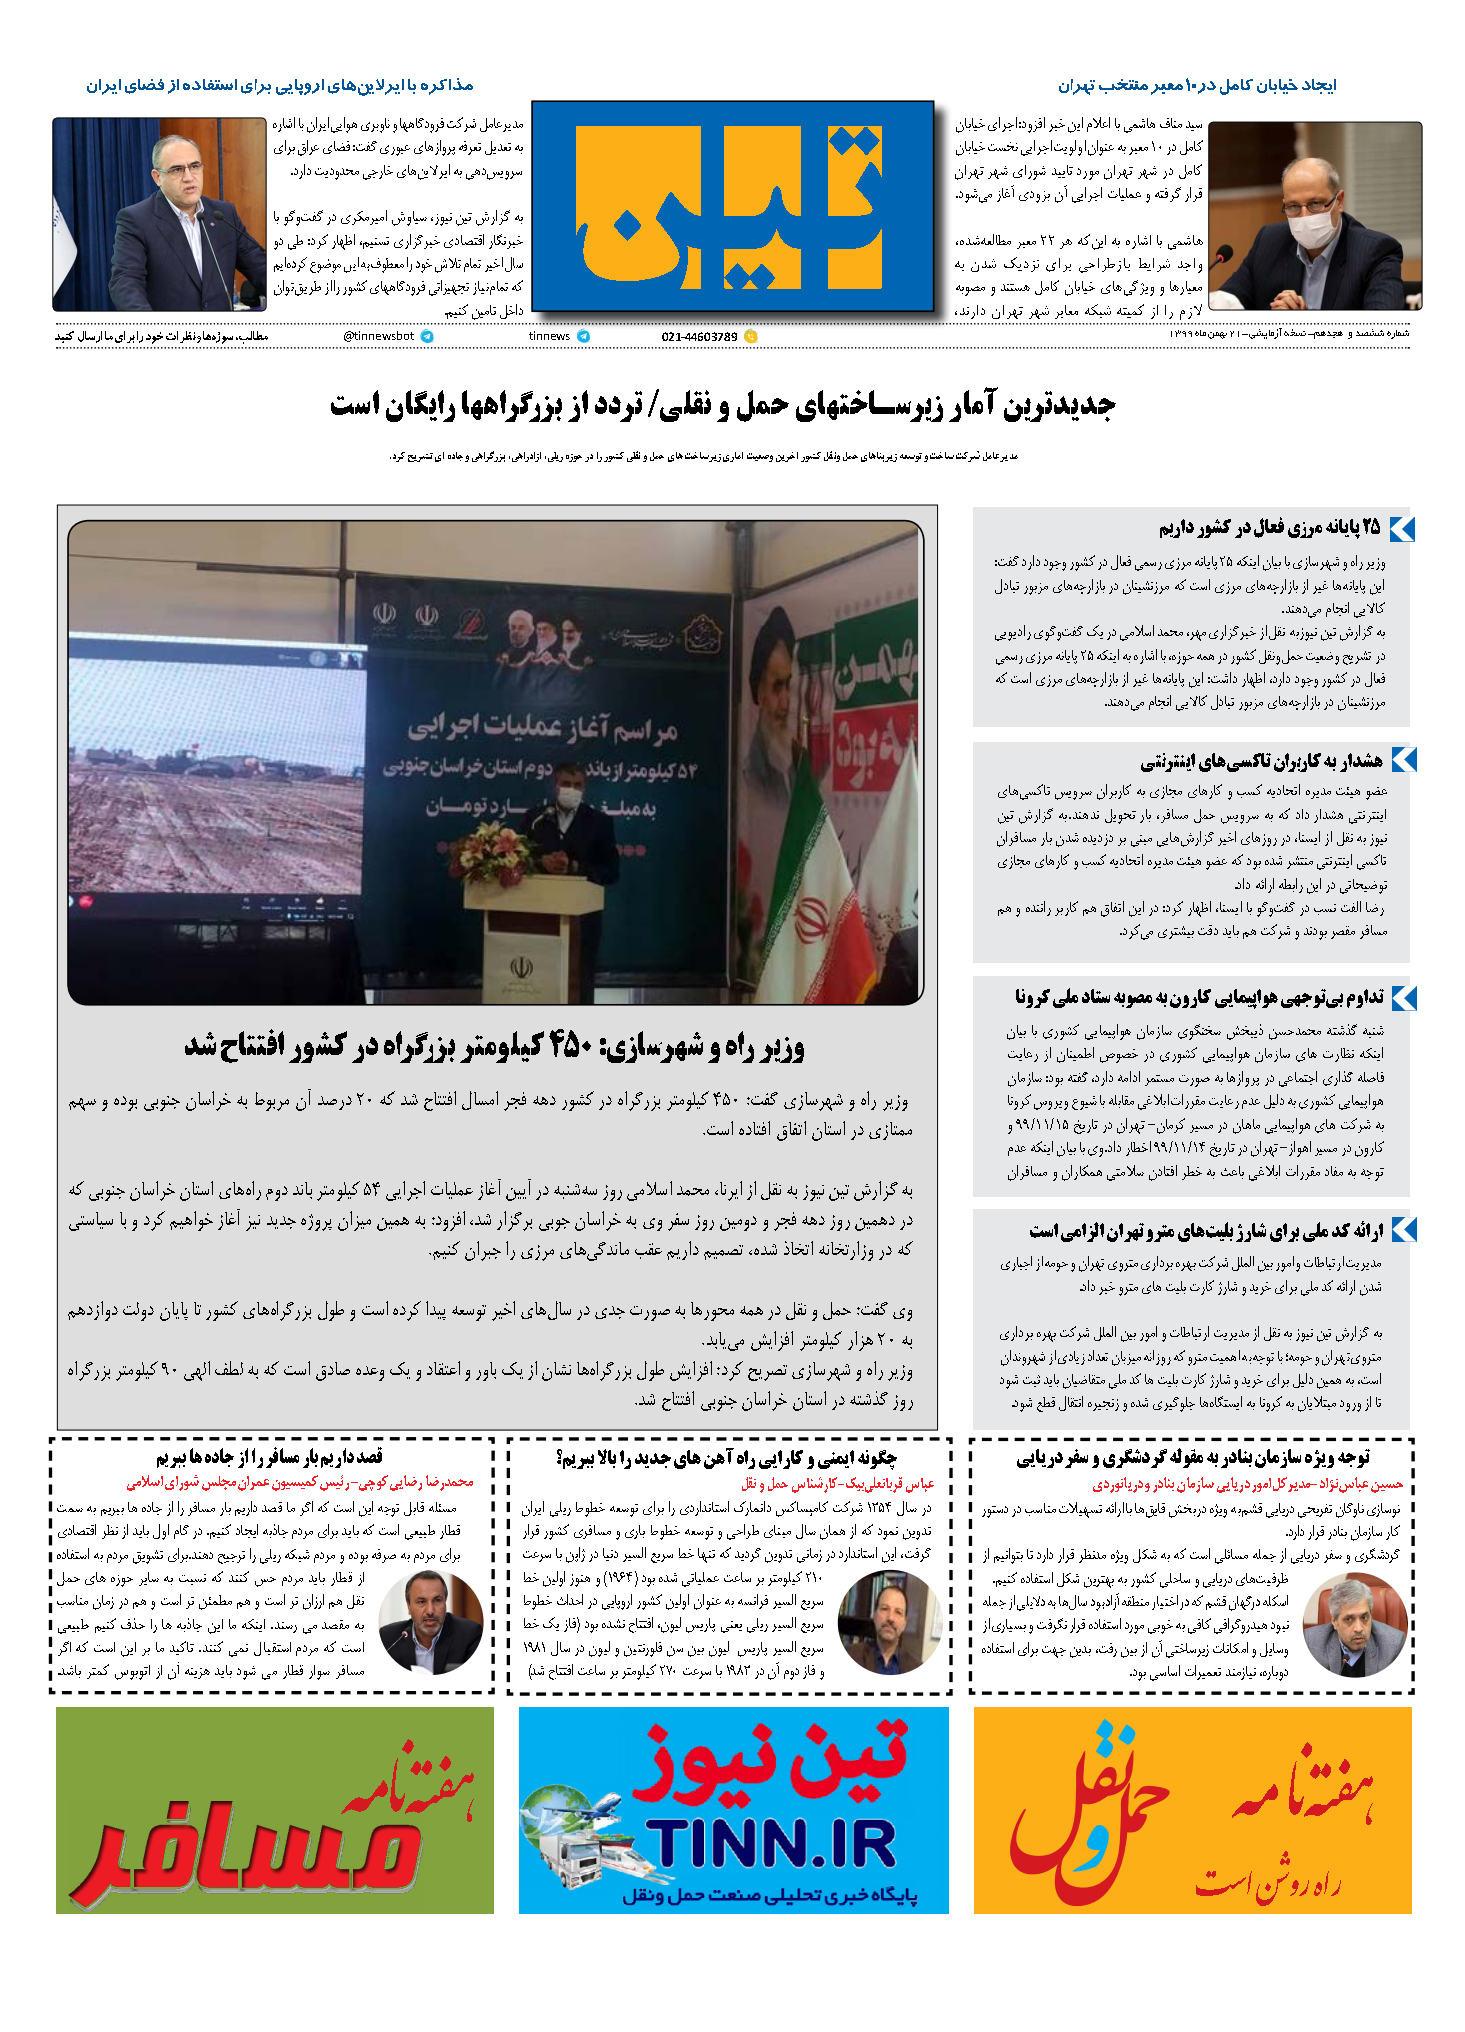 روزنامه الکترونیک 21 بهمن ماه 99